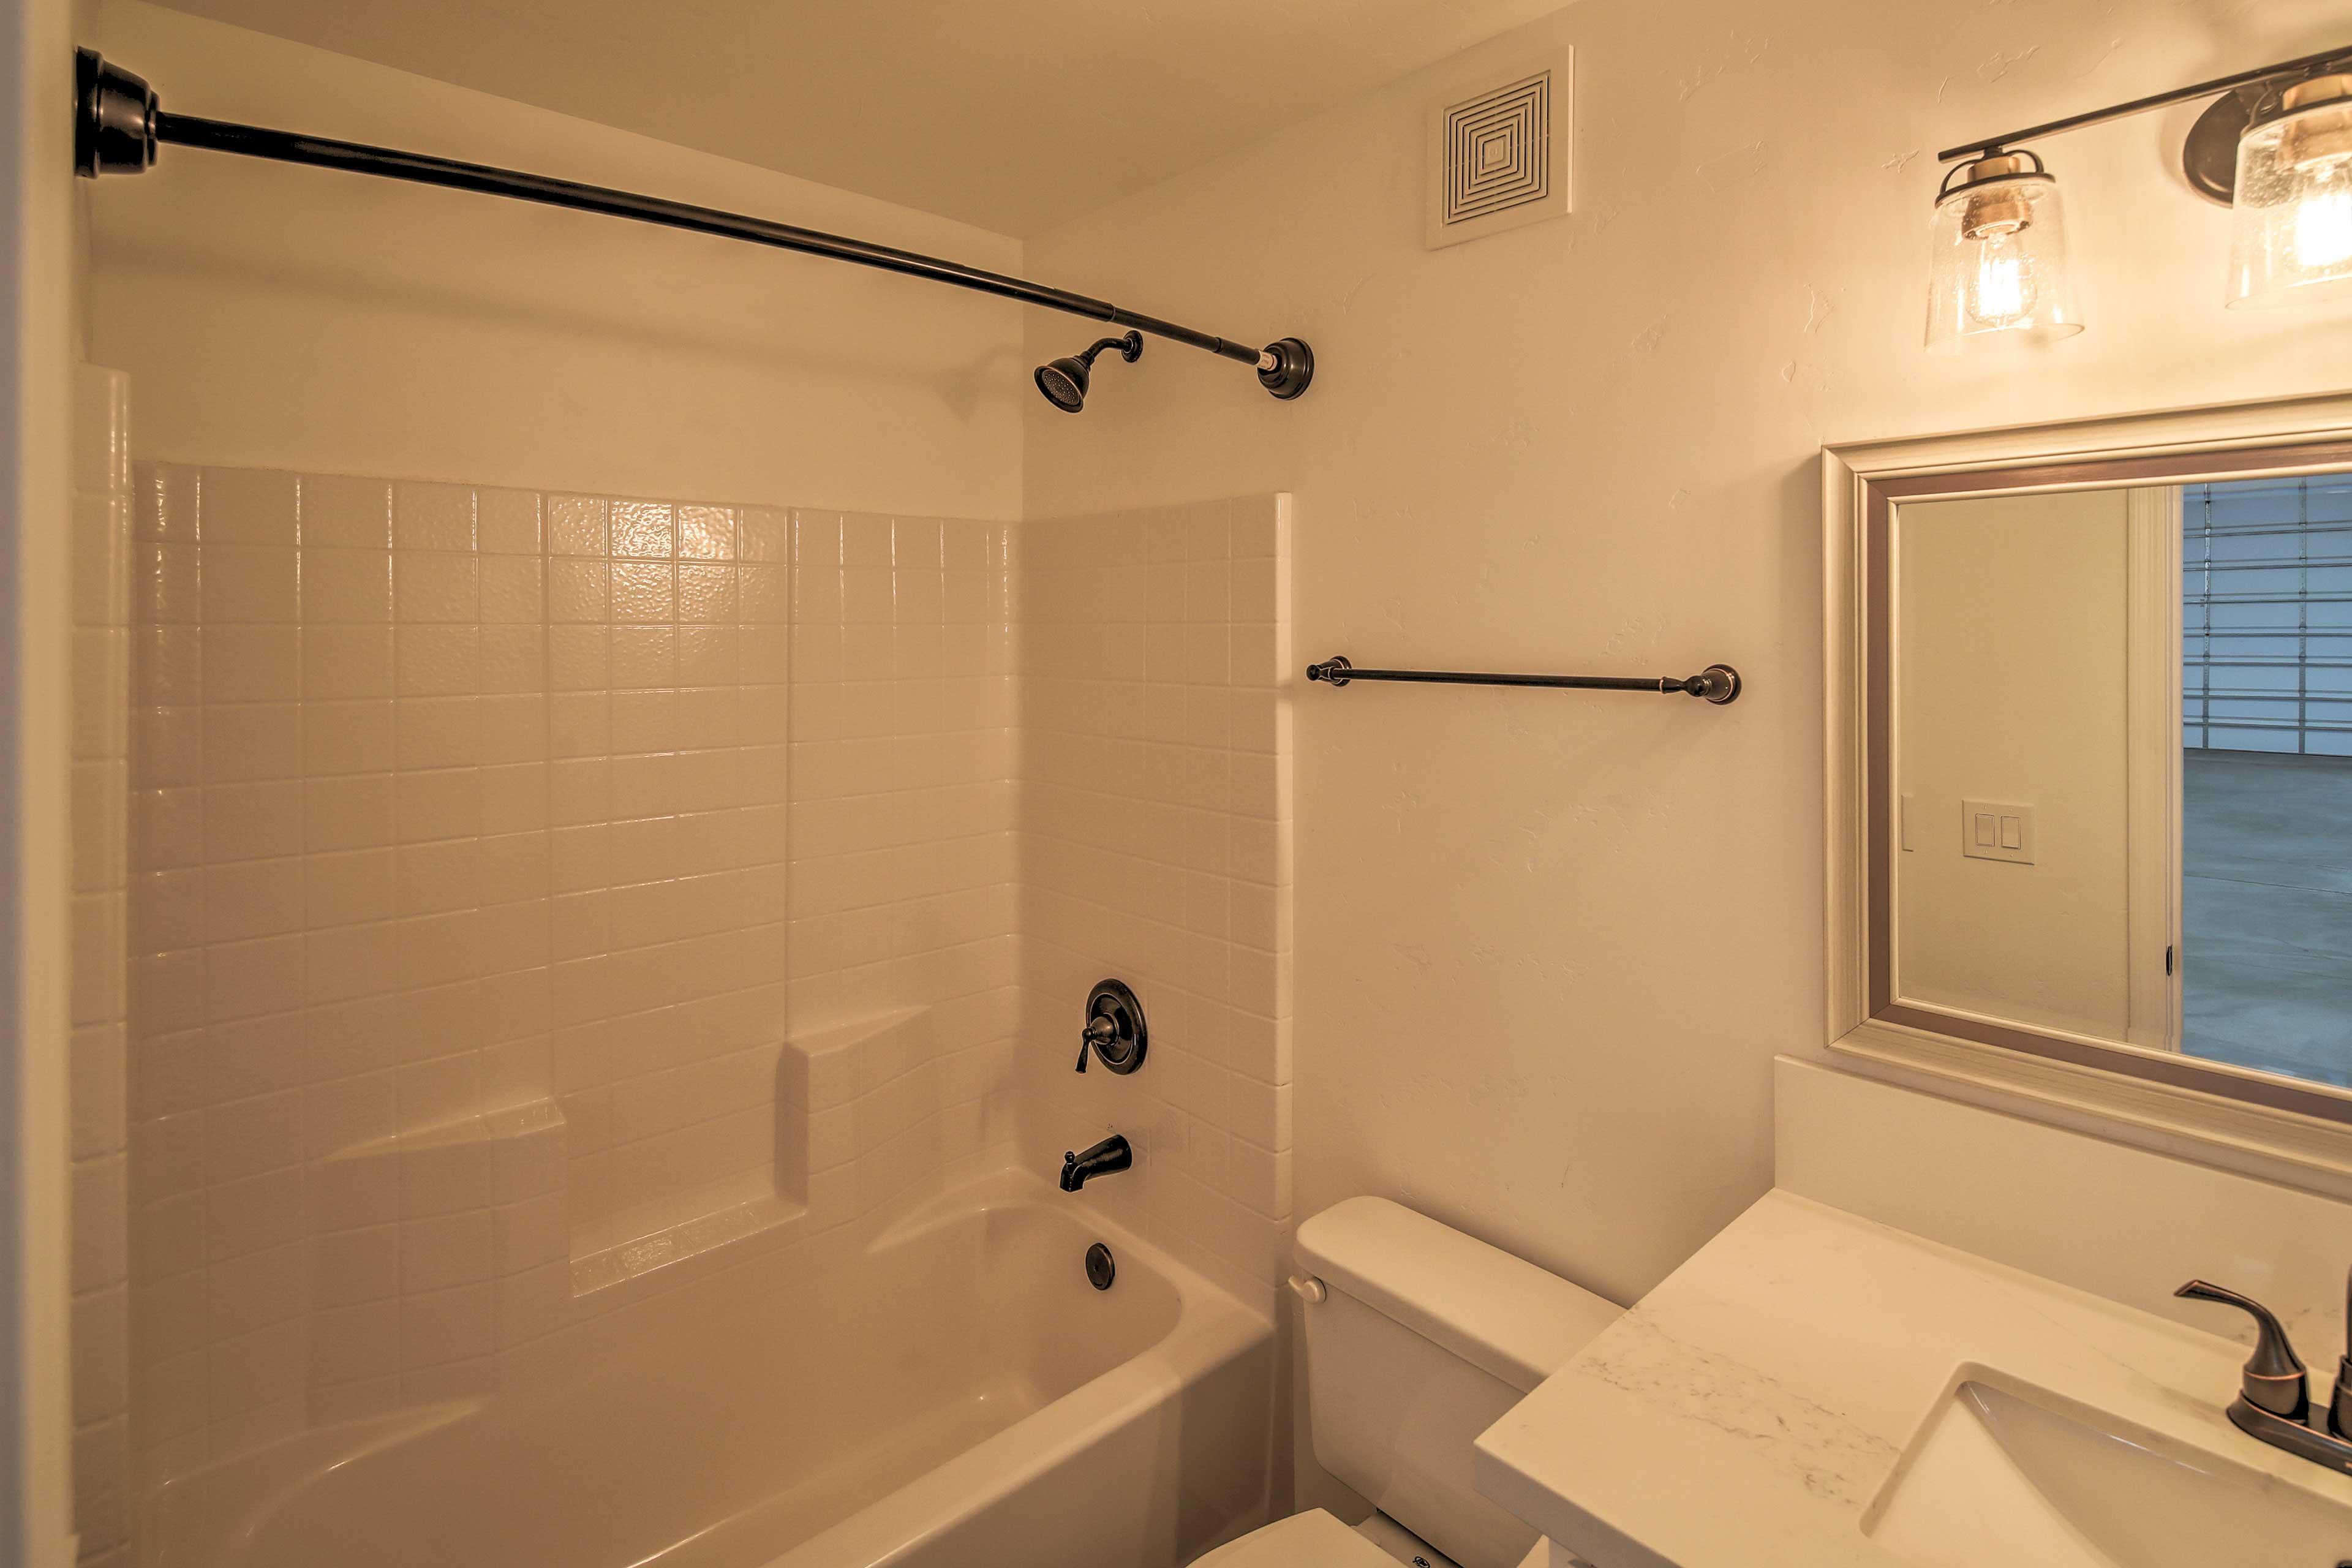 The garage also has a bathroom.